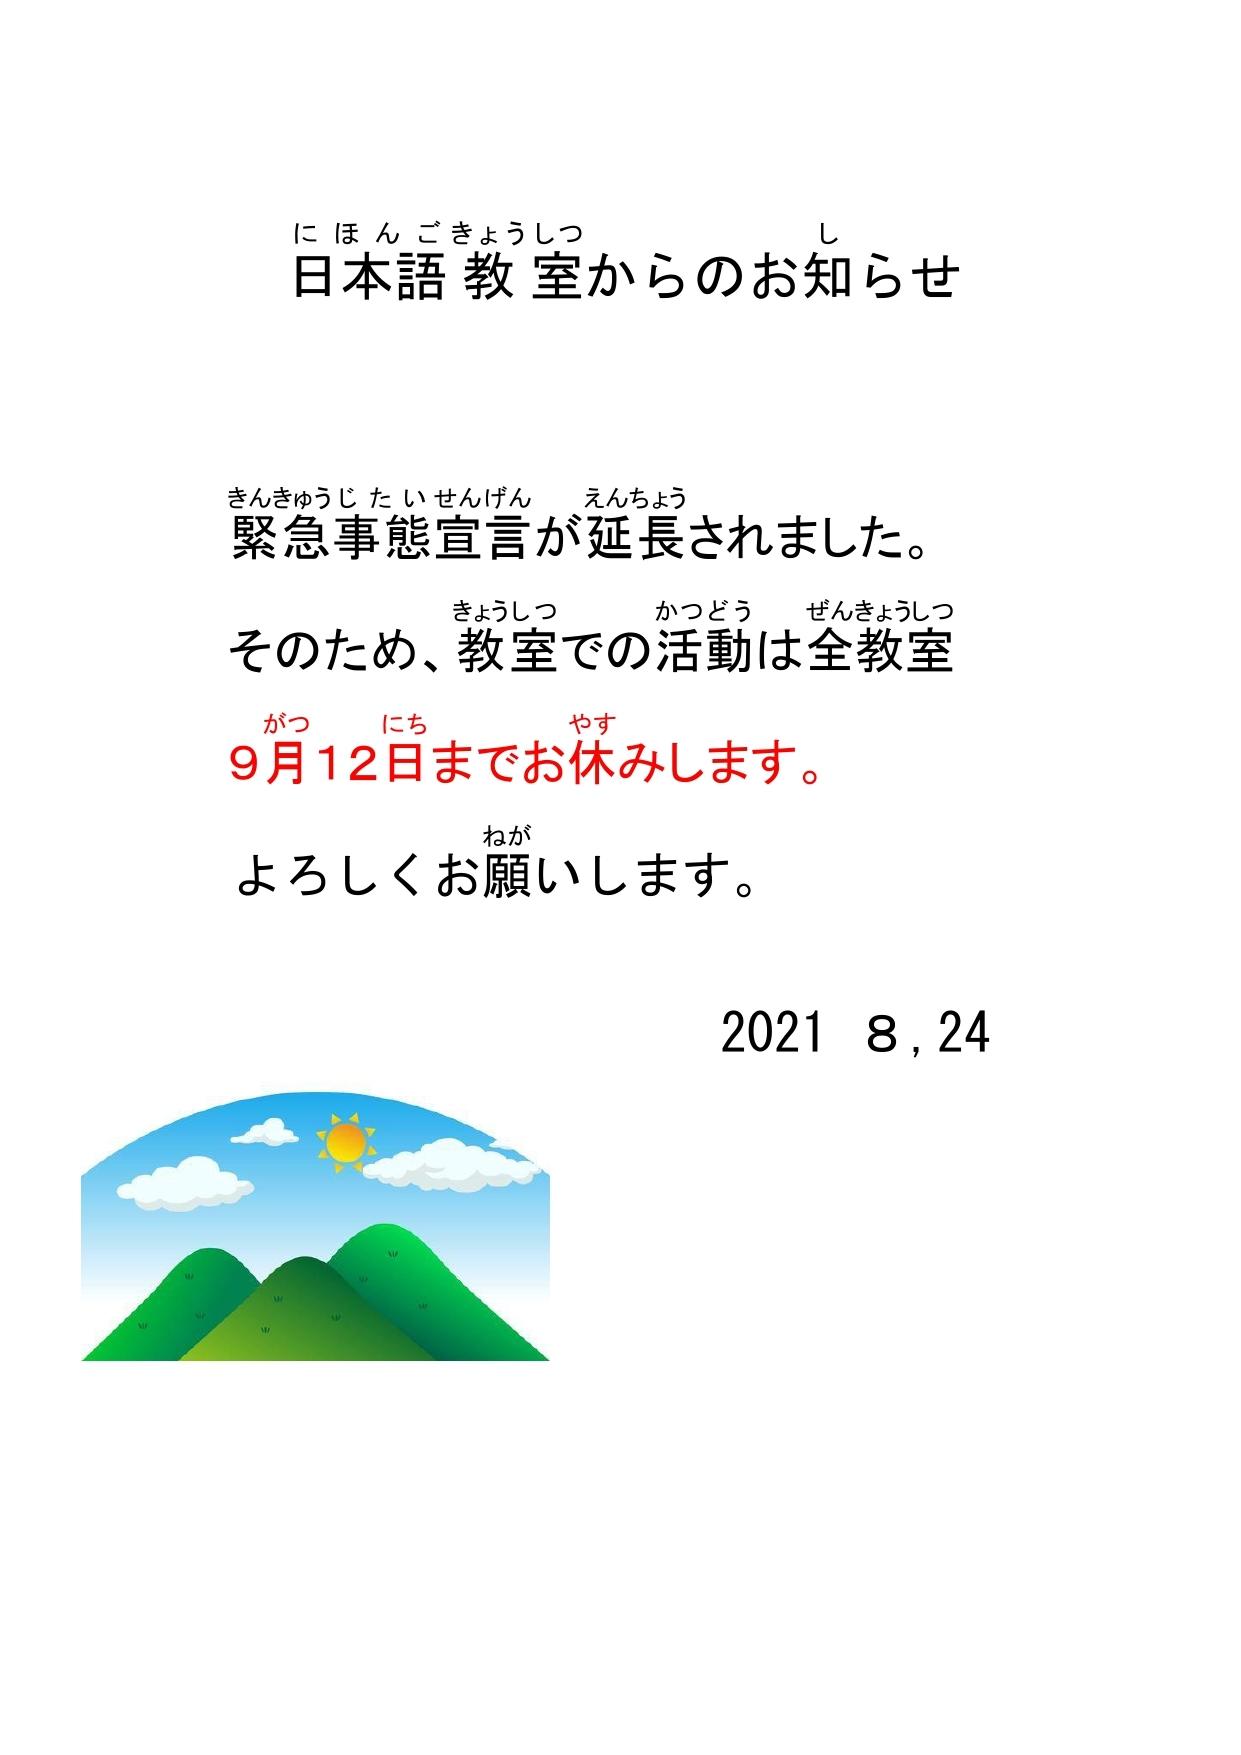 教室での活動お休み延長のお知らせ_e0175020_22165496.jpg